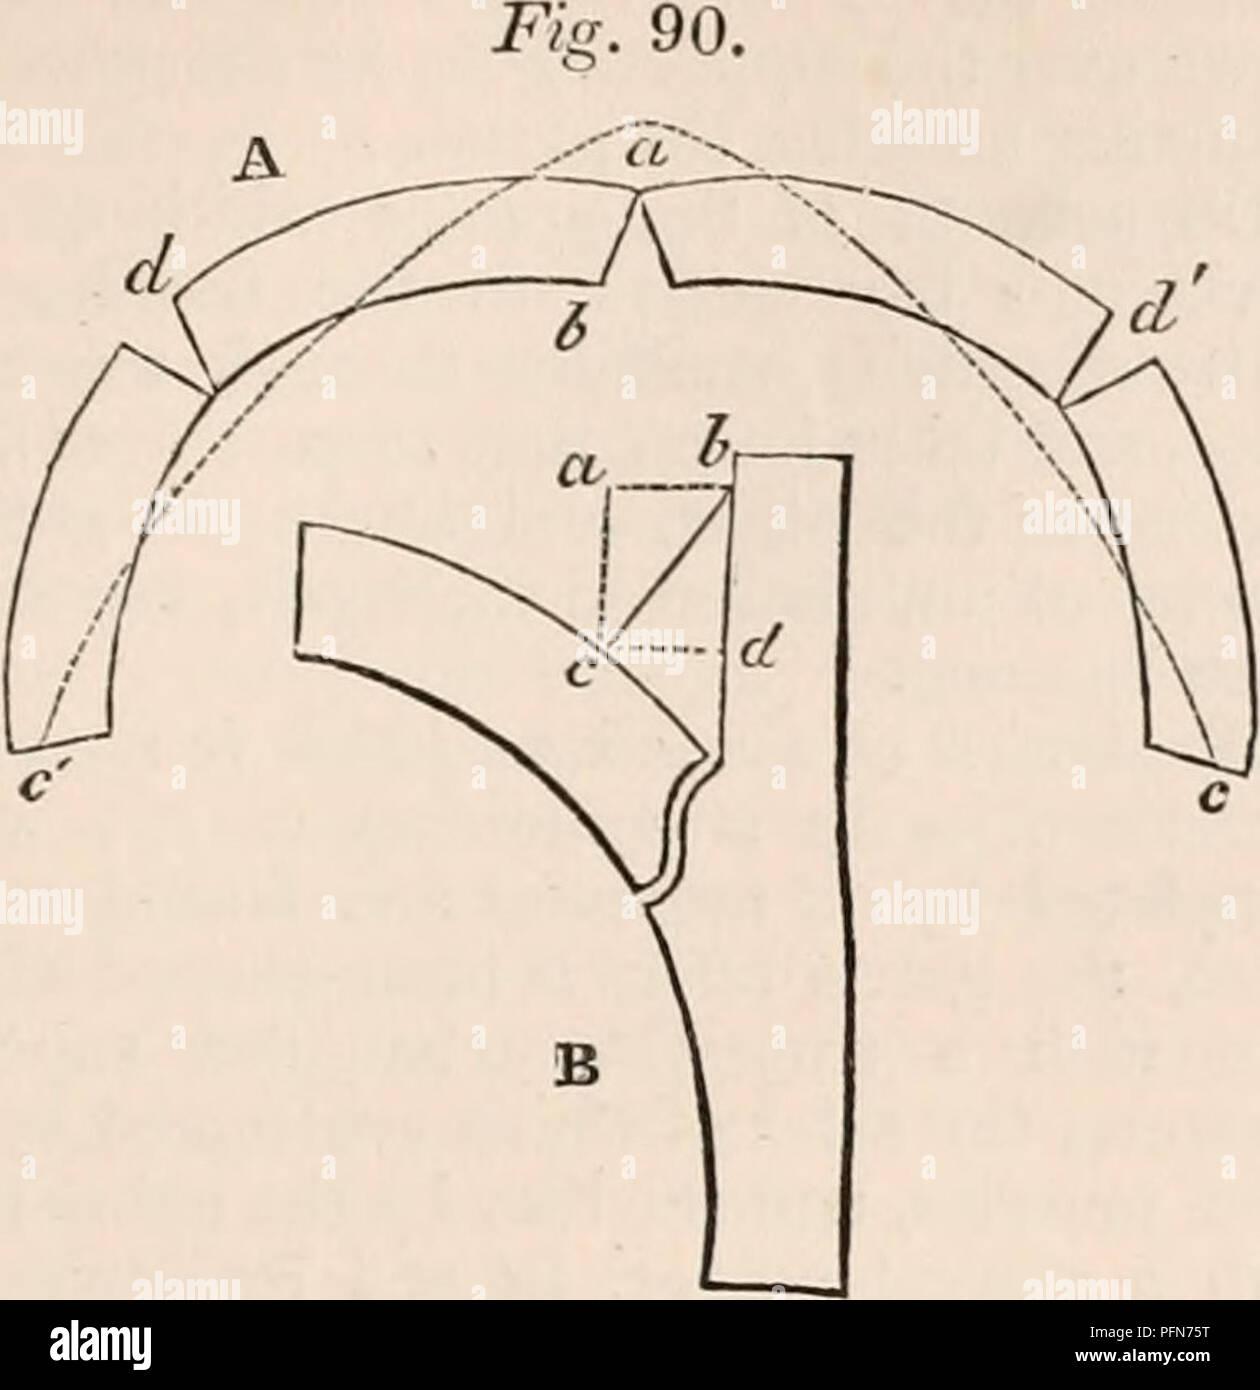 Parallelogram Of Forces Imágenes De Stock & Parallelogram Of Forces ...